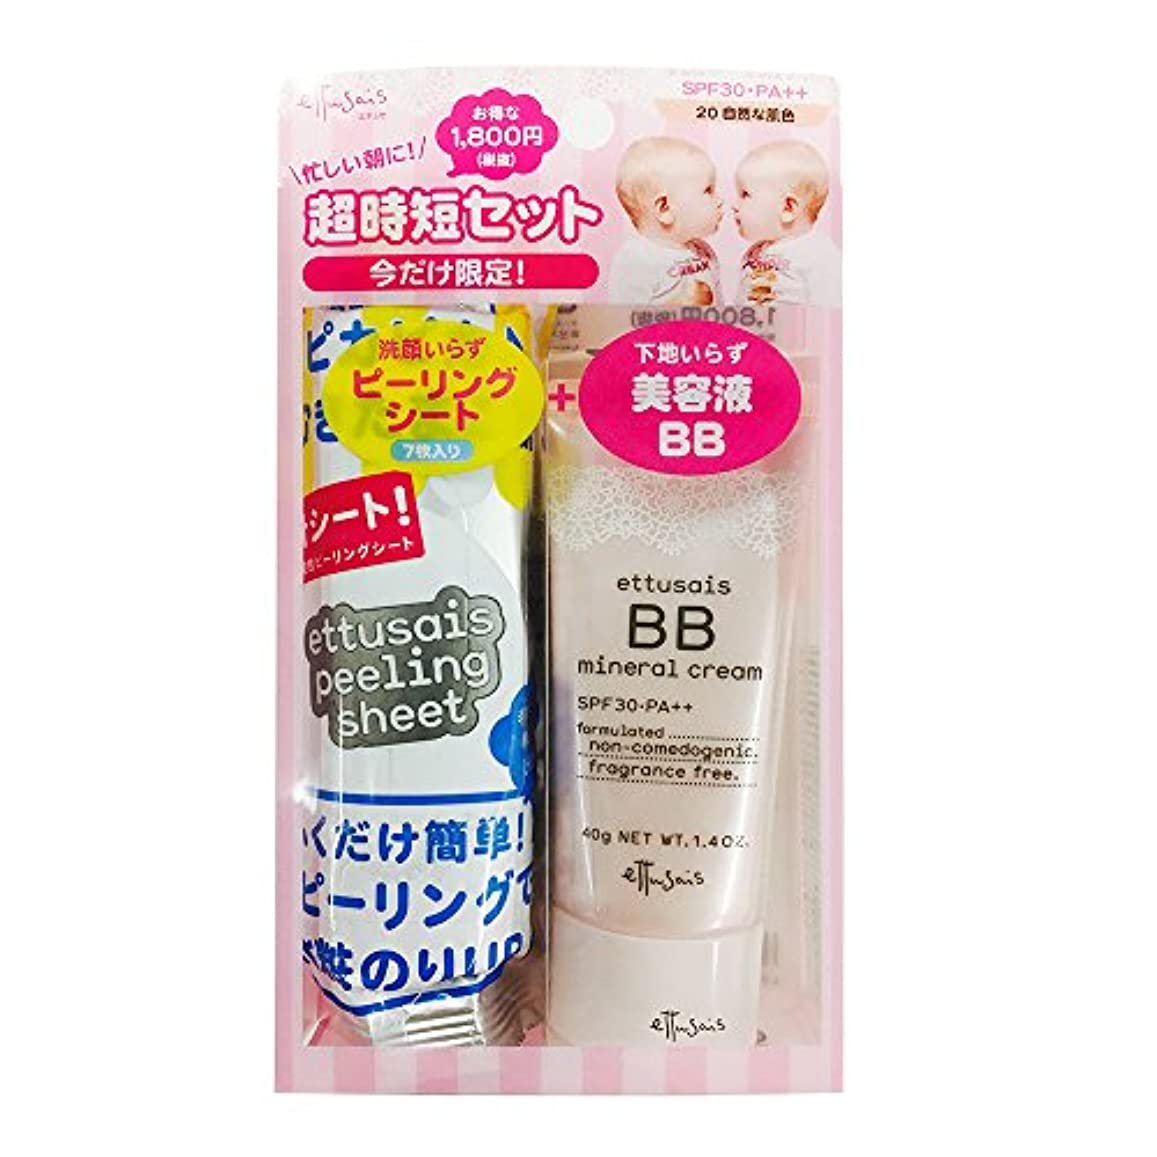 削るノミネートディプロマエテュセ BBミネラルクリーム スペシャルケアセット 20 自然な肌色 (BBミネラルクリーム 40g +ピーリングシート 7枚)